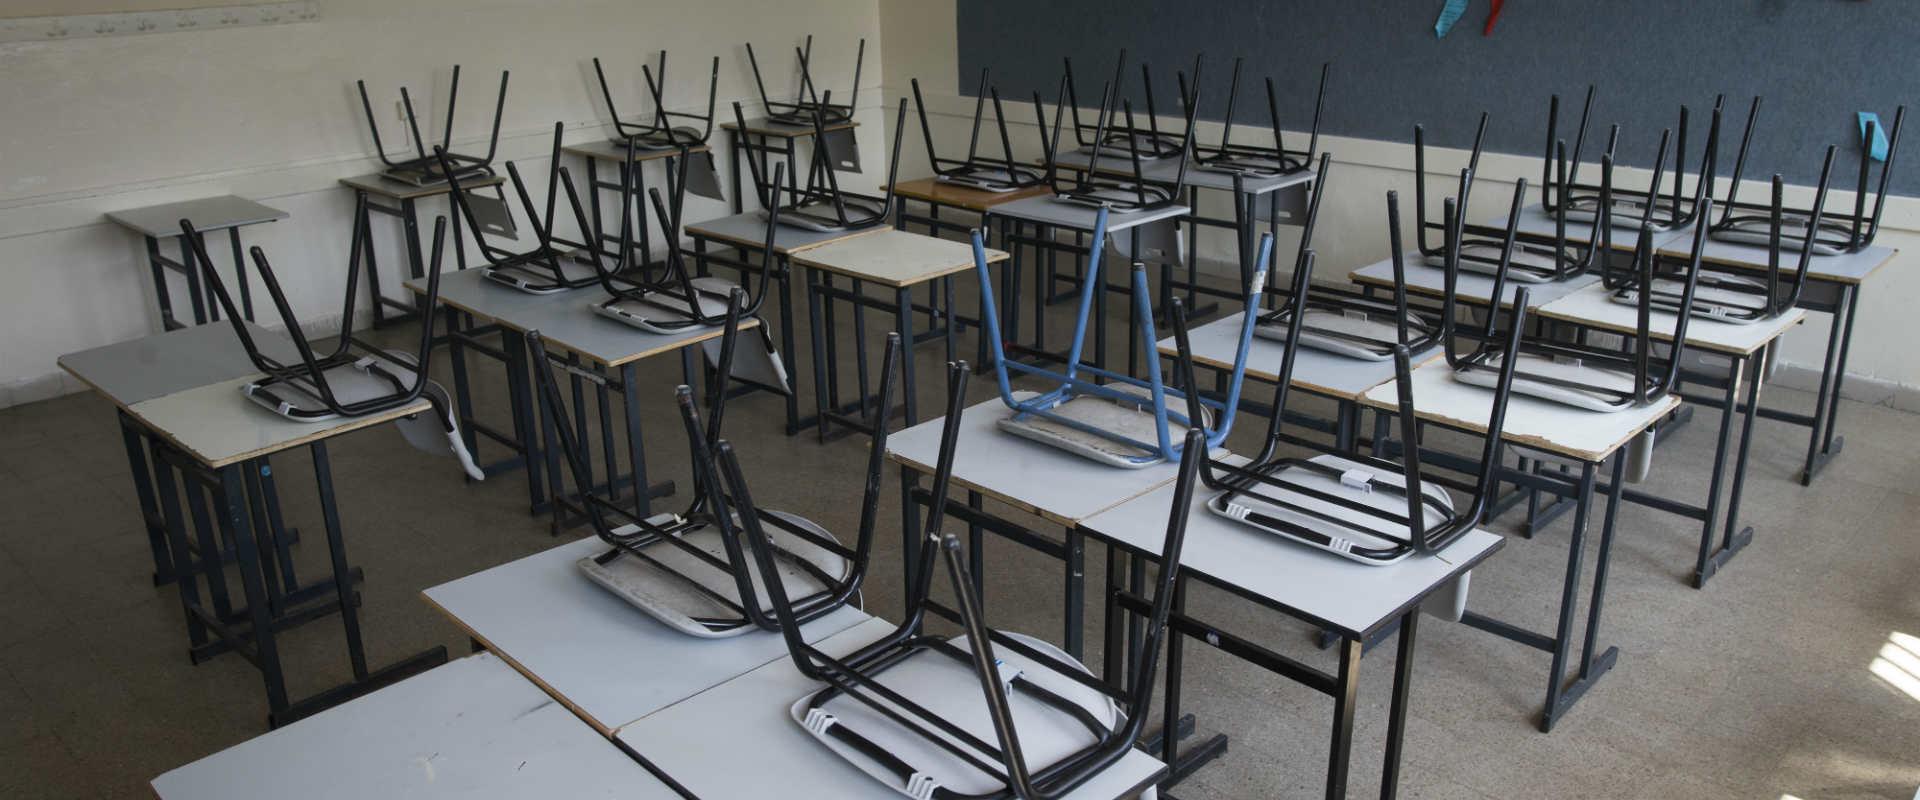 כיתה ריקה בבית ספר בירושלים